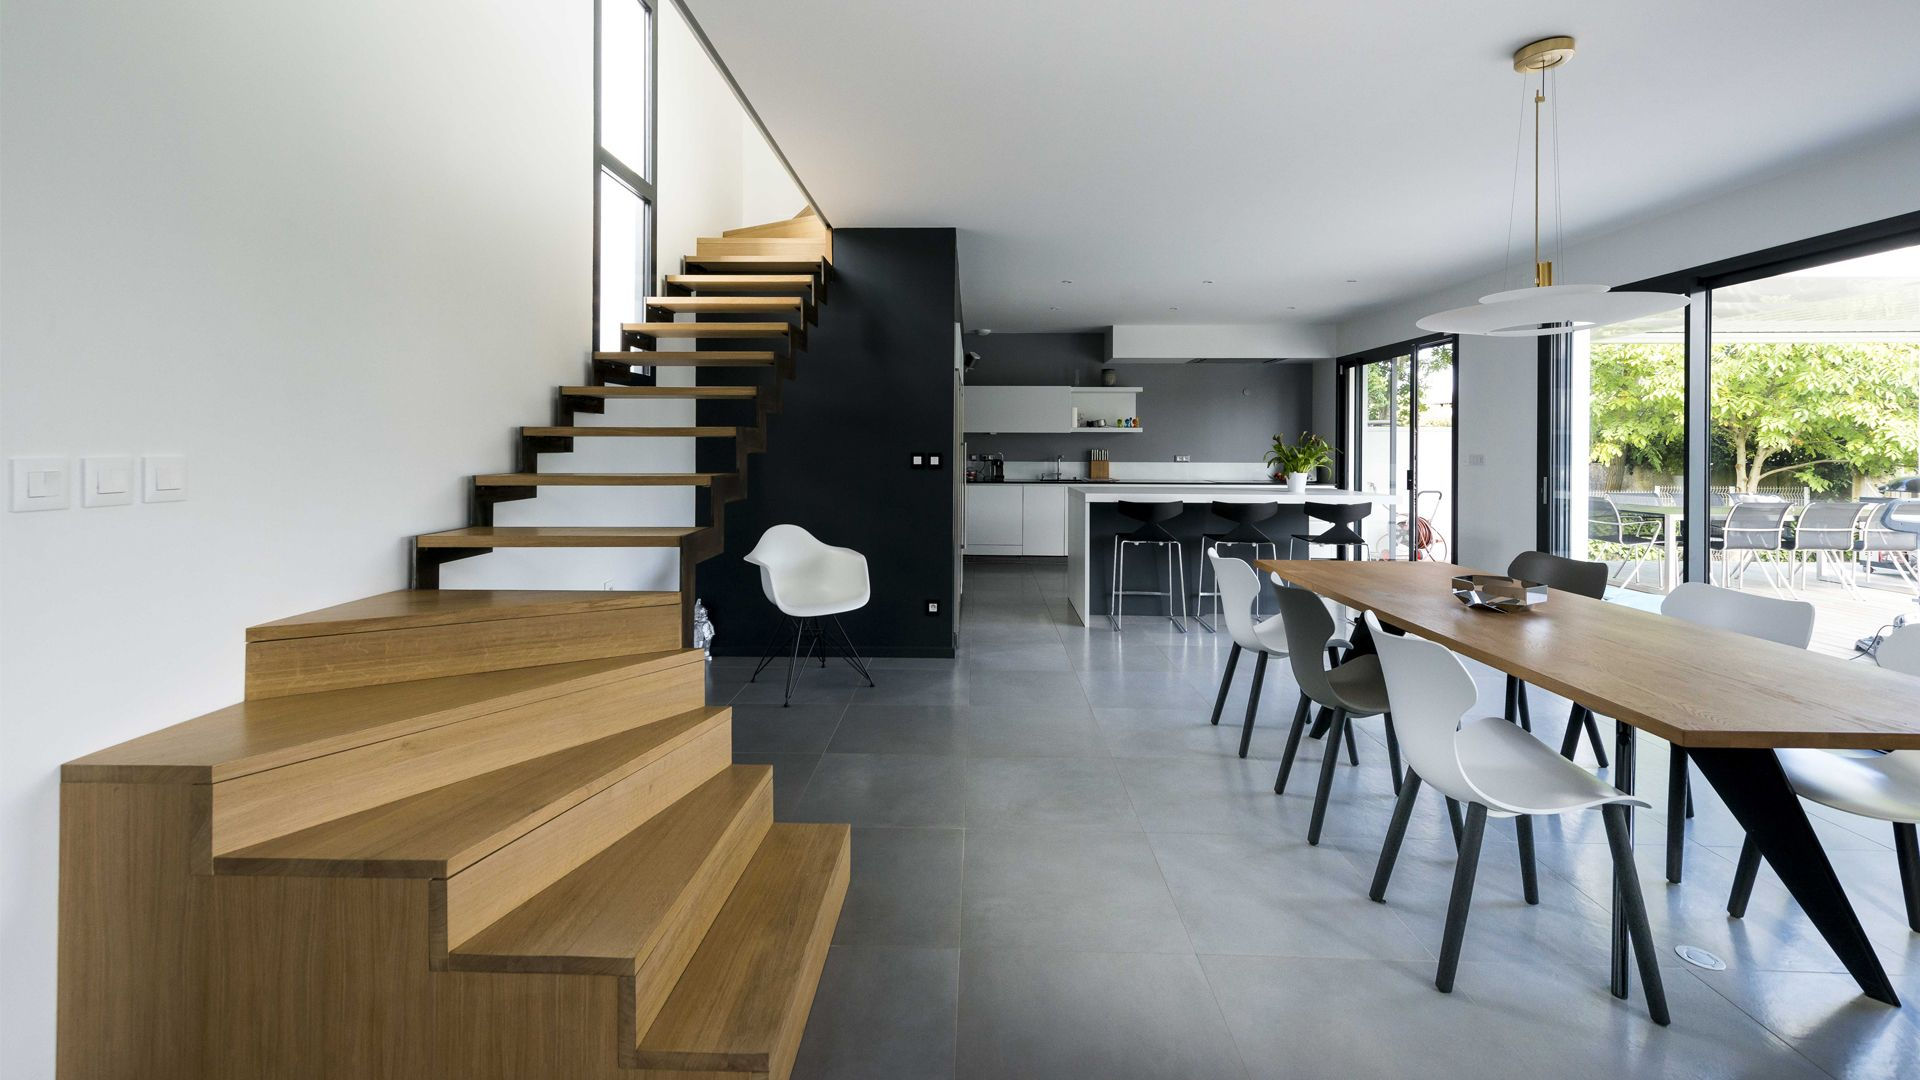 Seuil-architecture-maison-bioclimatique-Balma-Escalier-slid-compressor